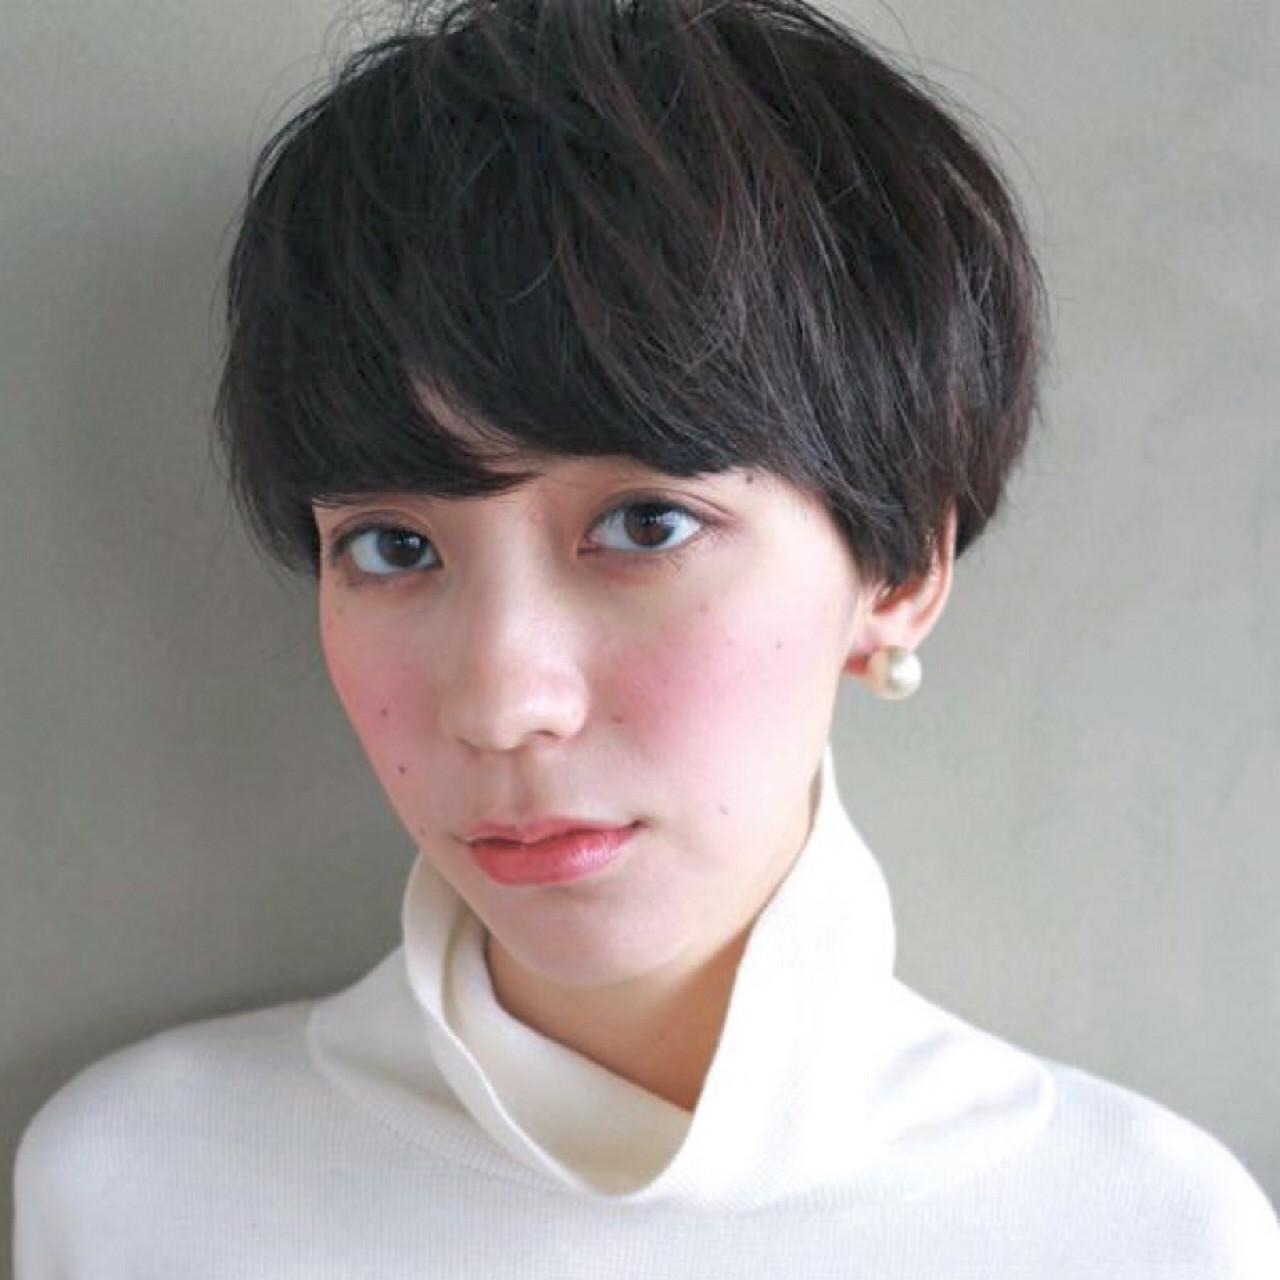 前髪パーマ マッシュ ショート 大人かわいい ヘアスタイルや髪型の写真・画像